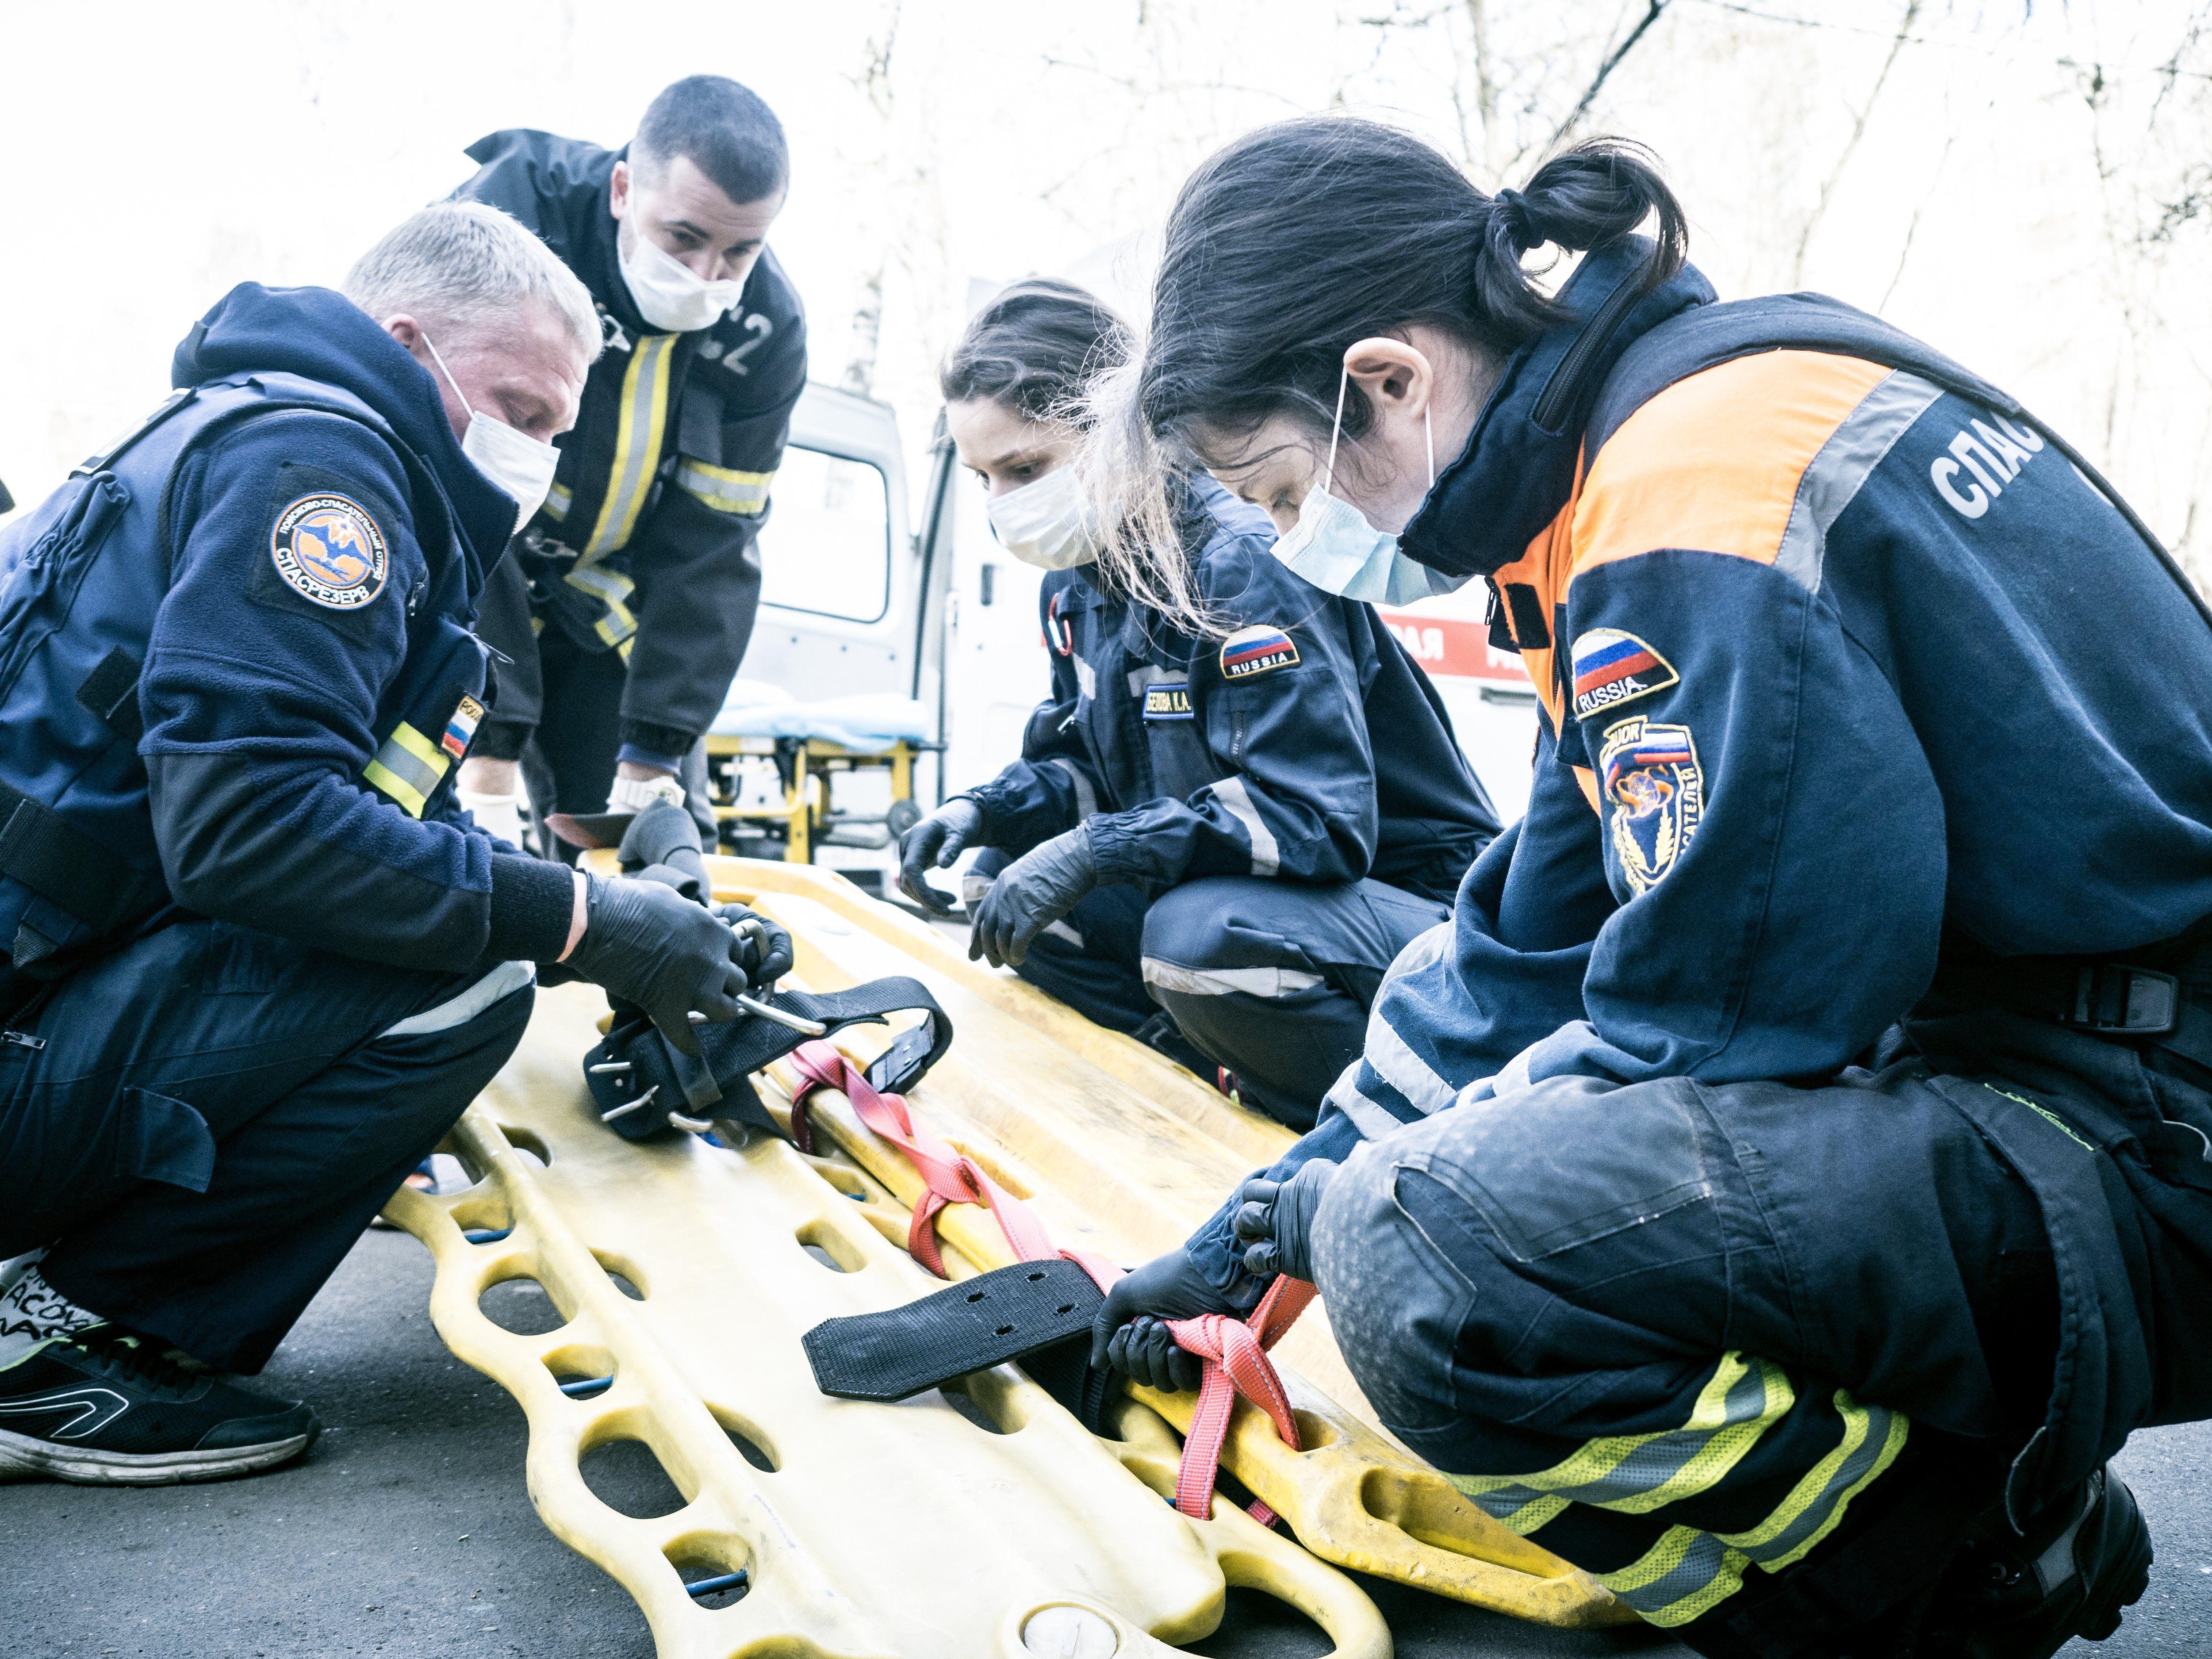 Взаимодействие Системы 112 Москвы и «СпасРезерва» помогает спасать людей